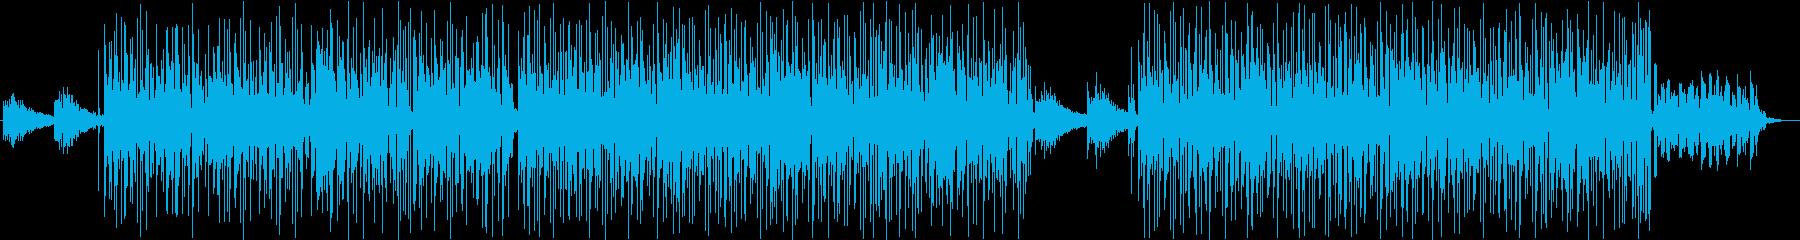 幻想的なテクノ・アンビエントトランスの再生済みの波形